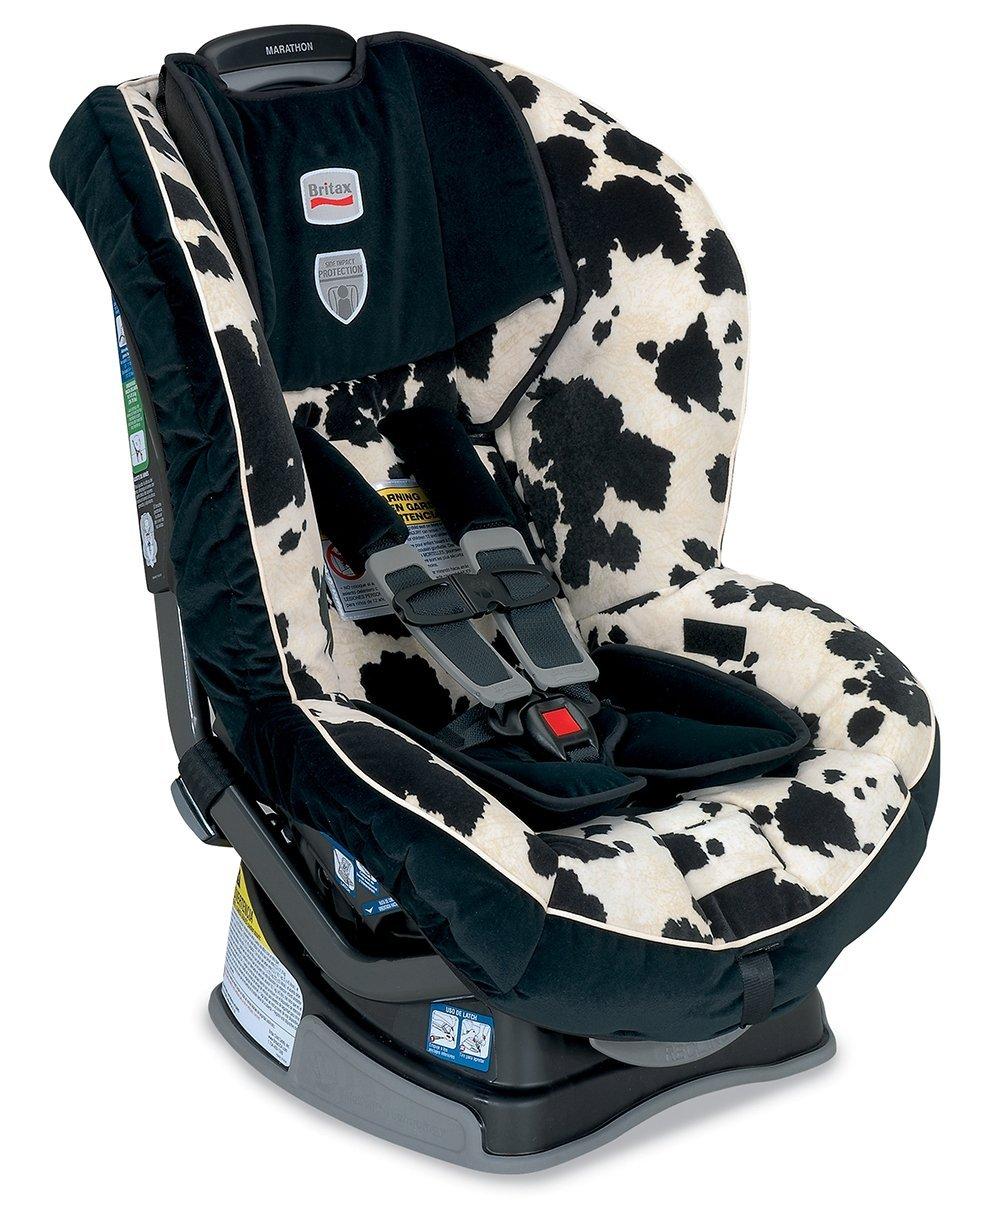 Britax Marathon G4童汽车安全座椅奶牛款特价$207.21结账输入85折优惠码后$176